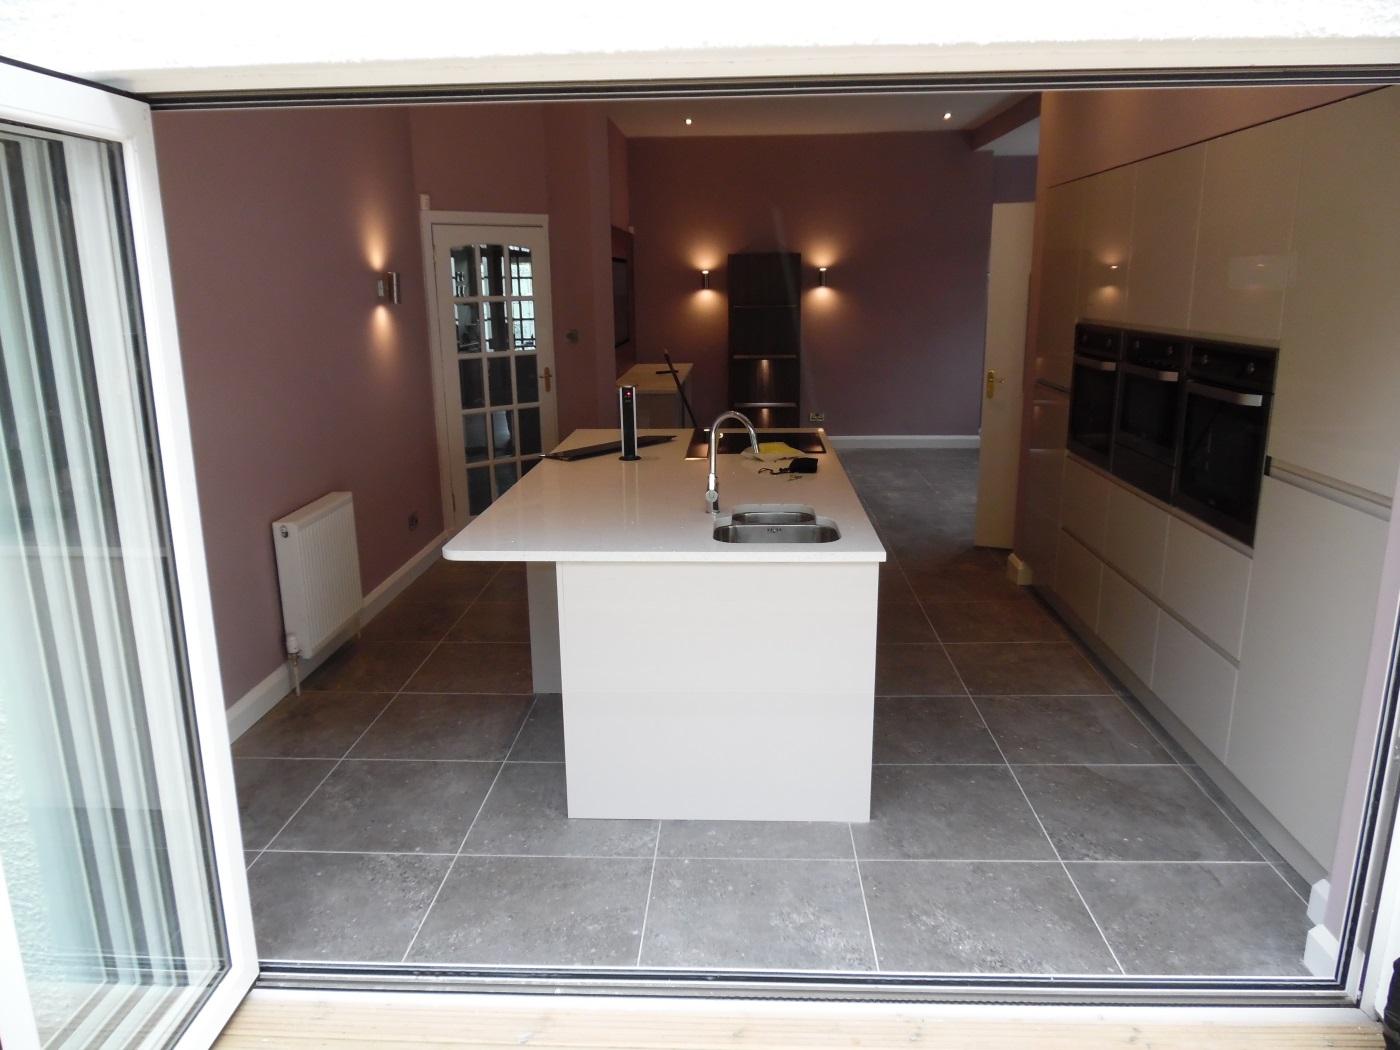 Finished Handleless gloss kitchen